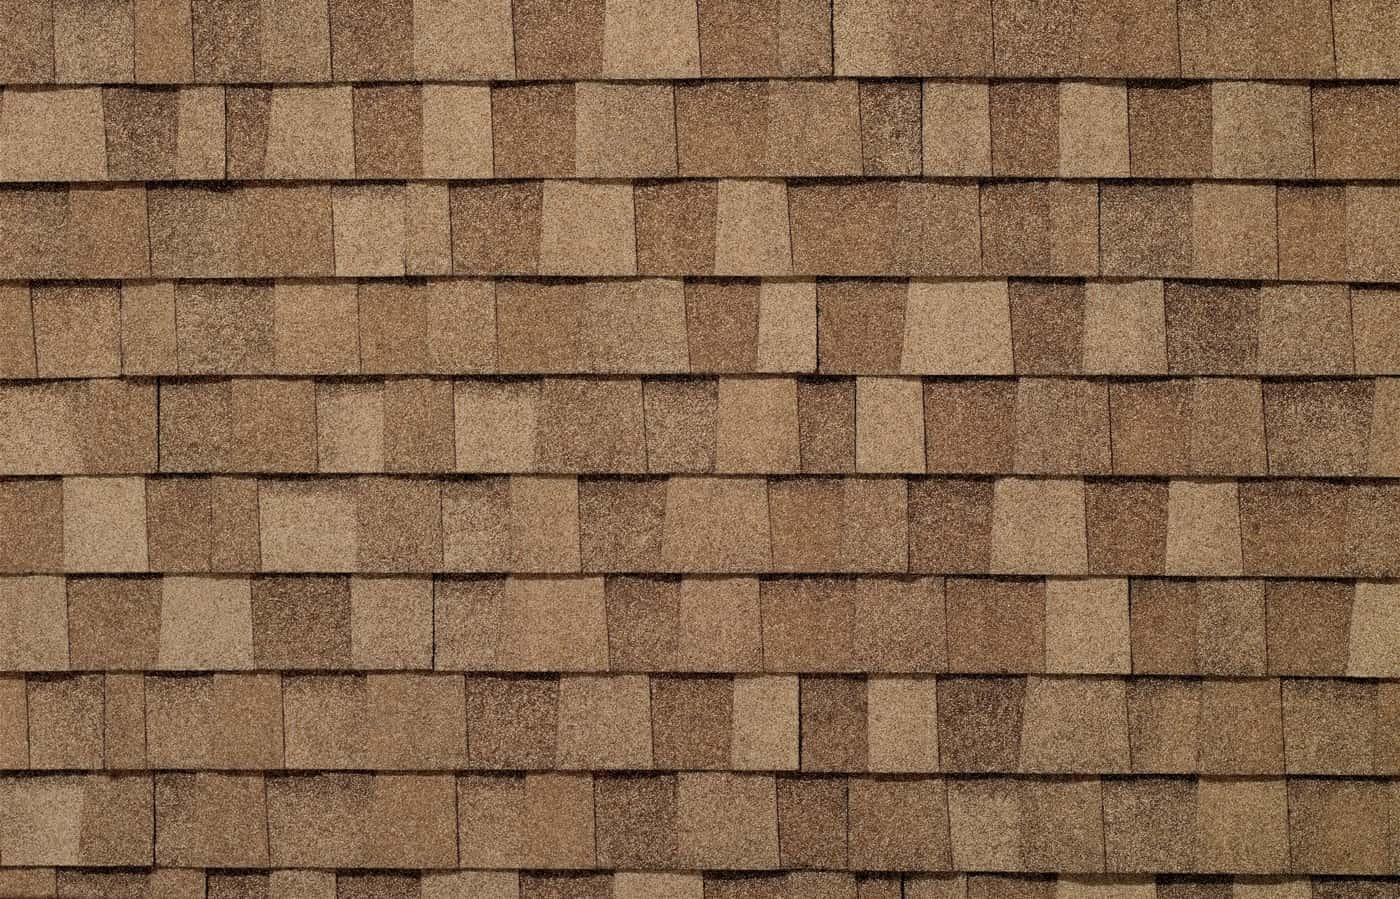 Heritage Rustic Cedar